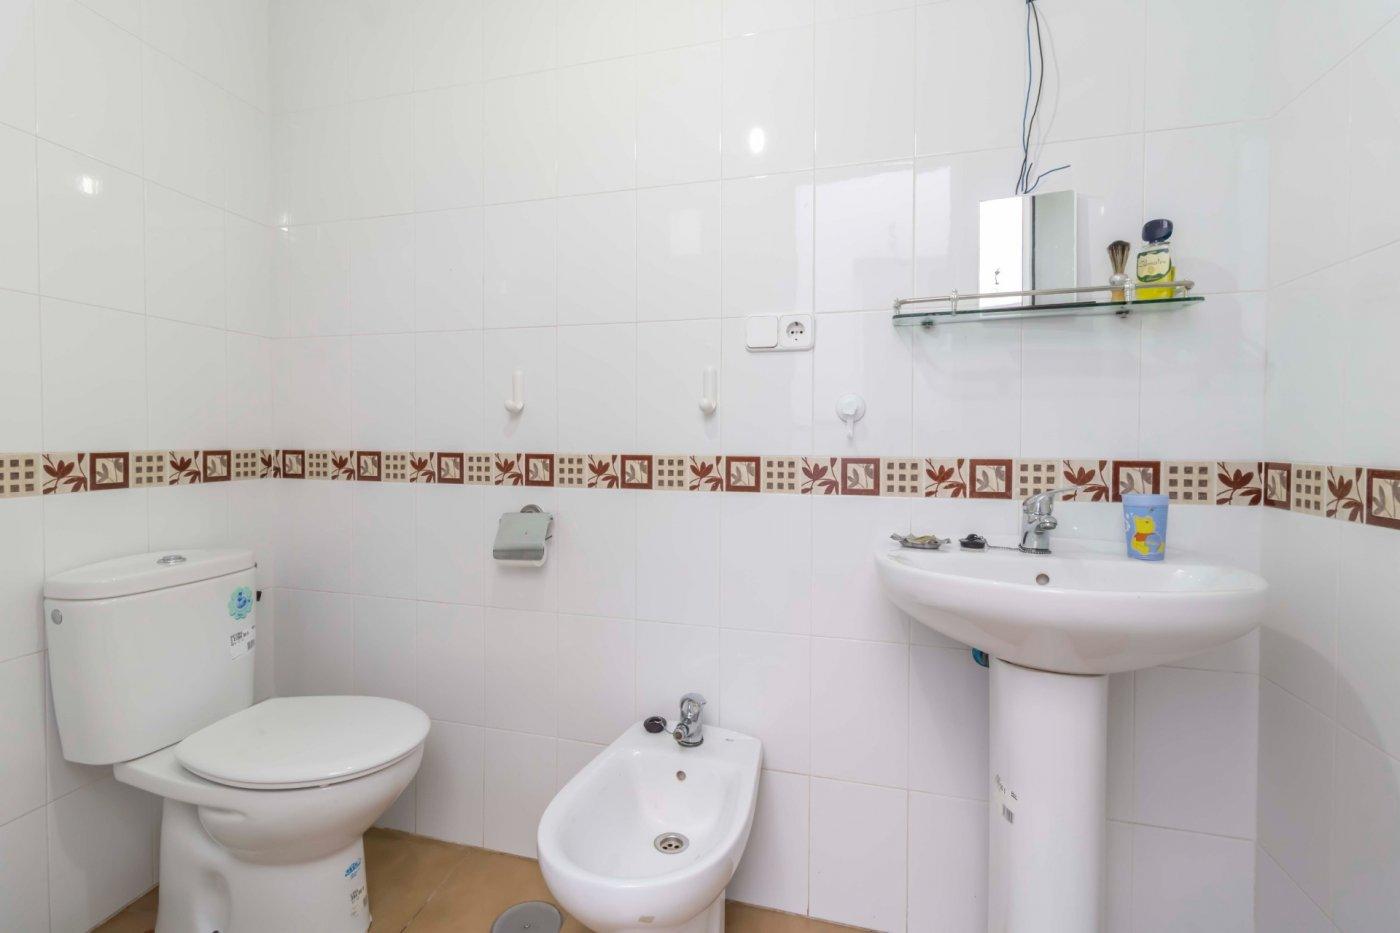 2 pisos a la venta por el precio de uno en zona padre pÍo - imagenInmueble11